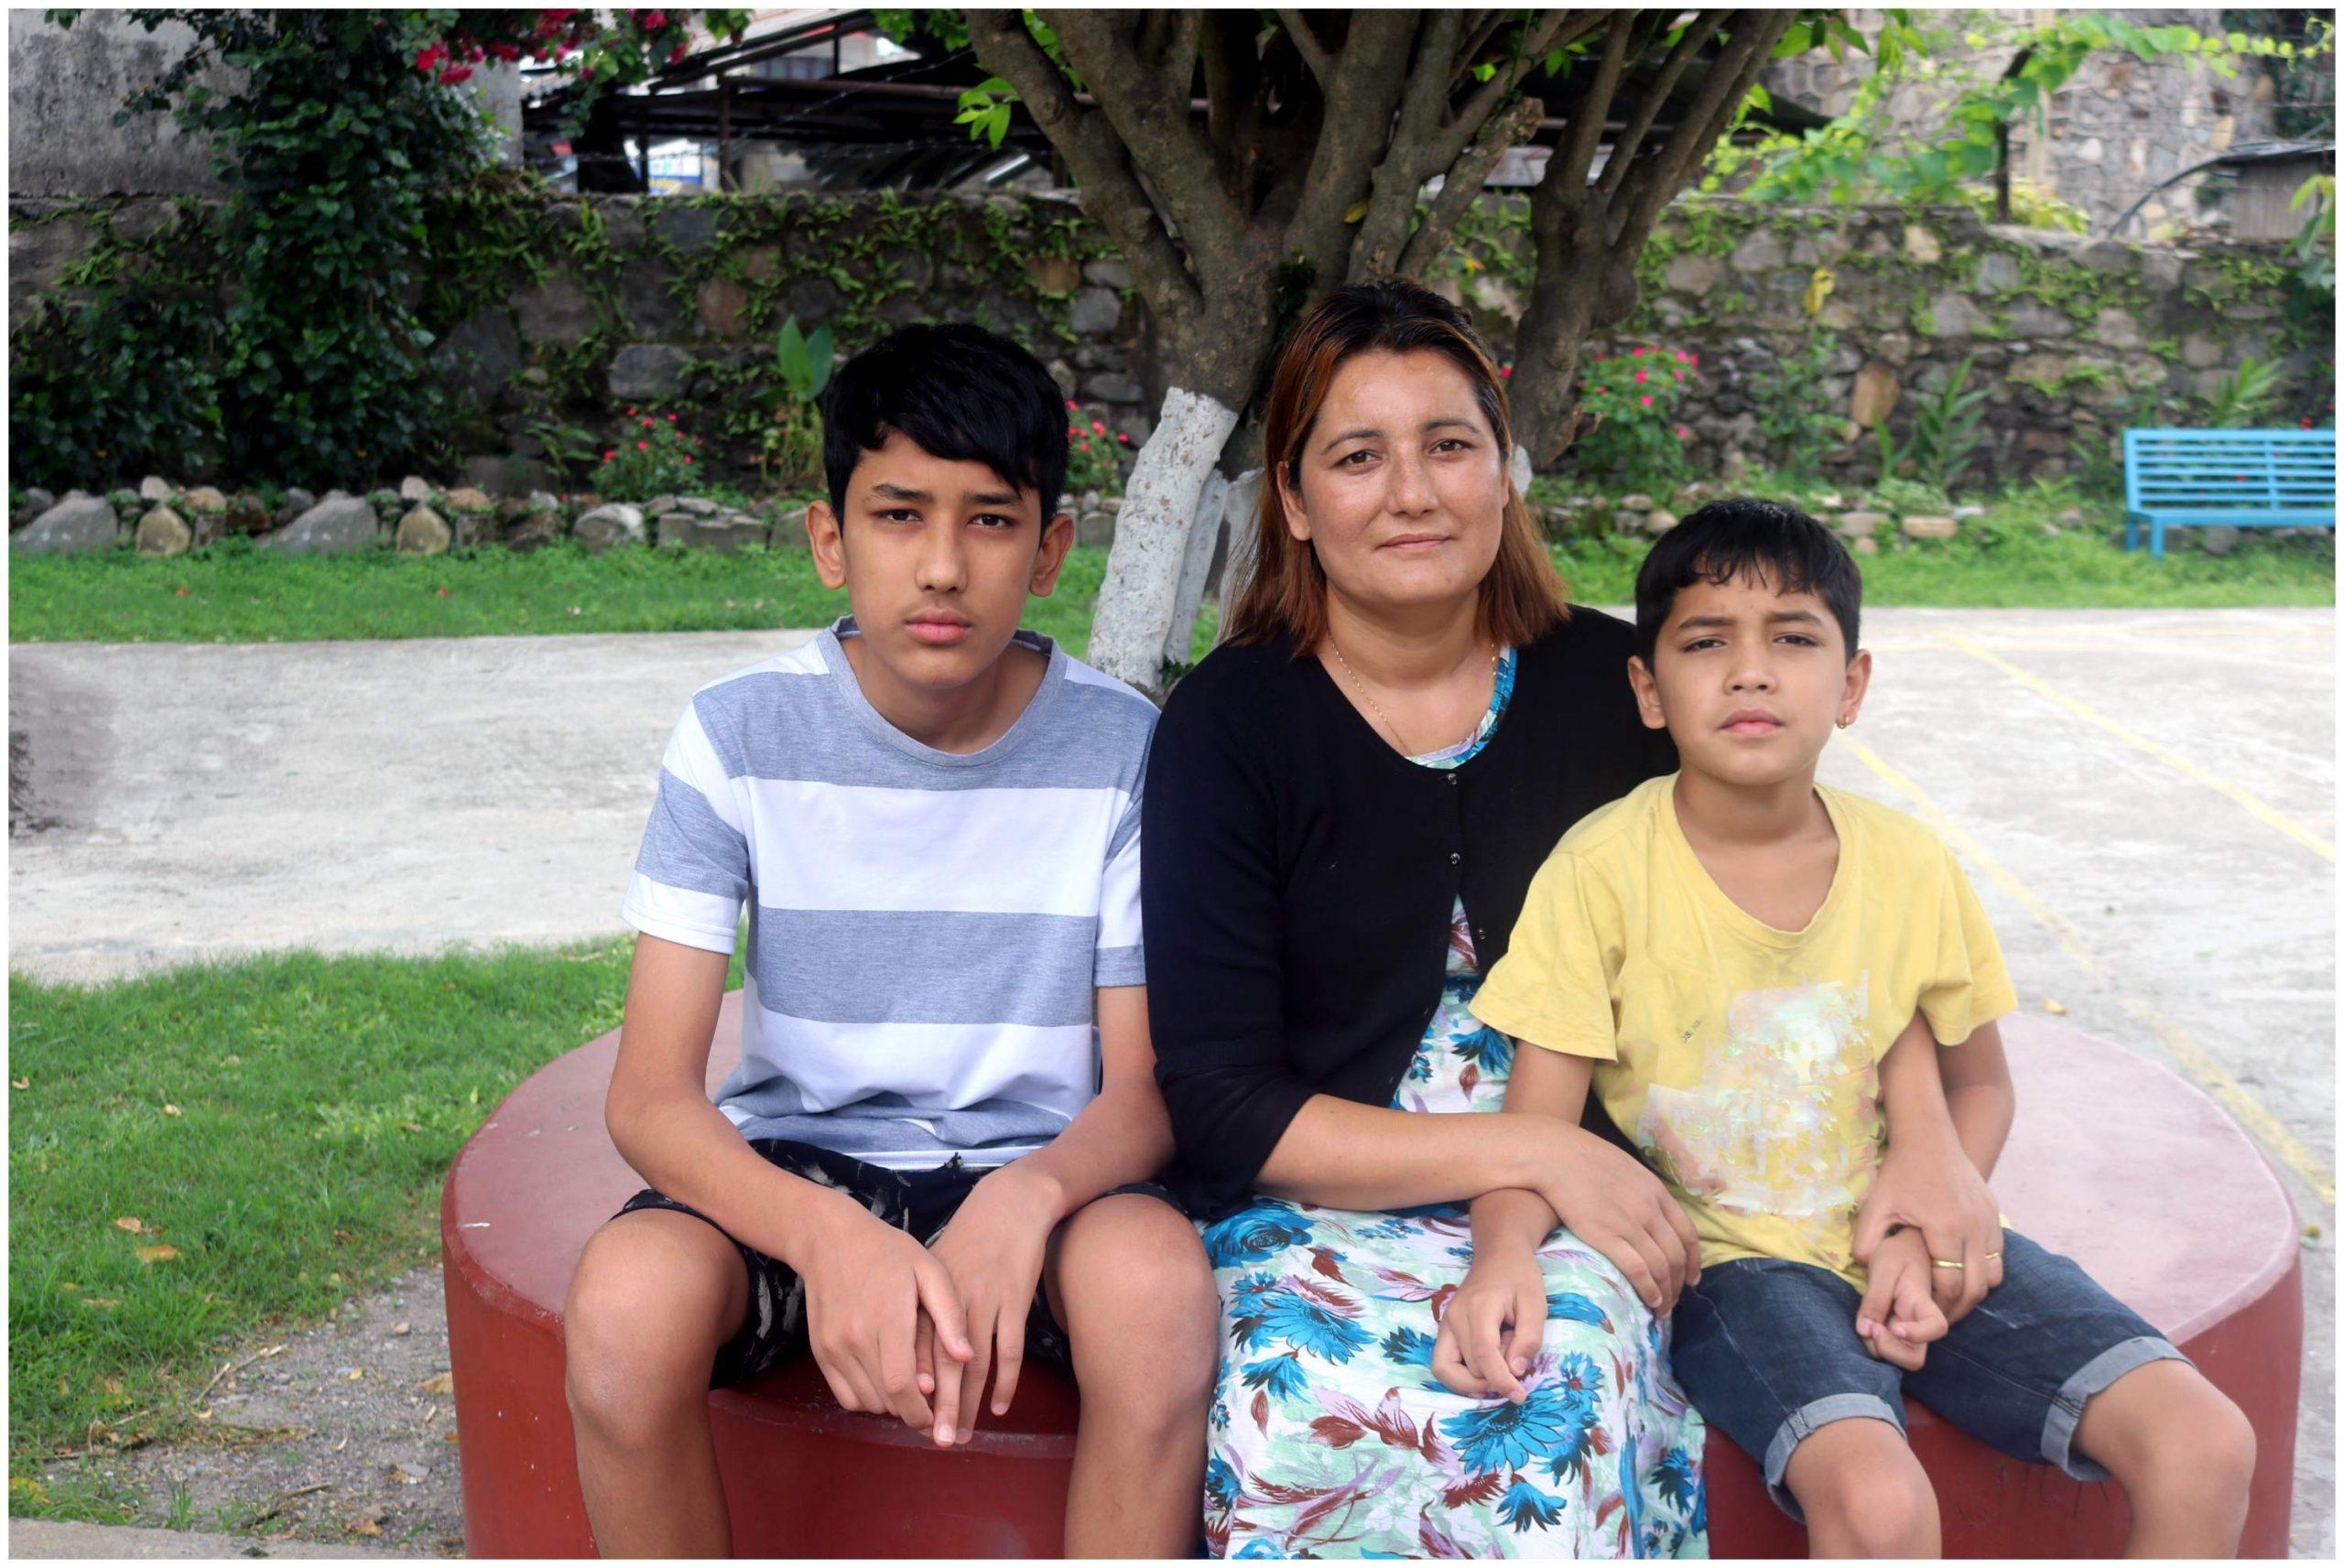 En raison de la pandémie de coronavirus au Népal, Nirmala et sa famille se retrouvent dans une situation désespérée.